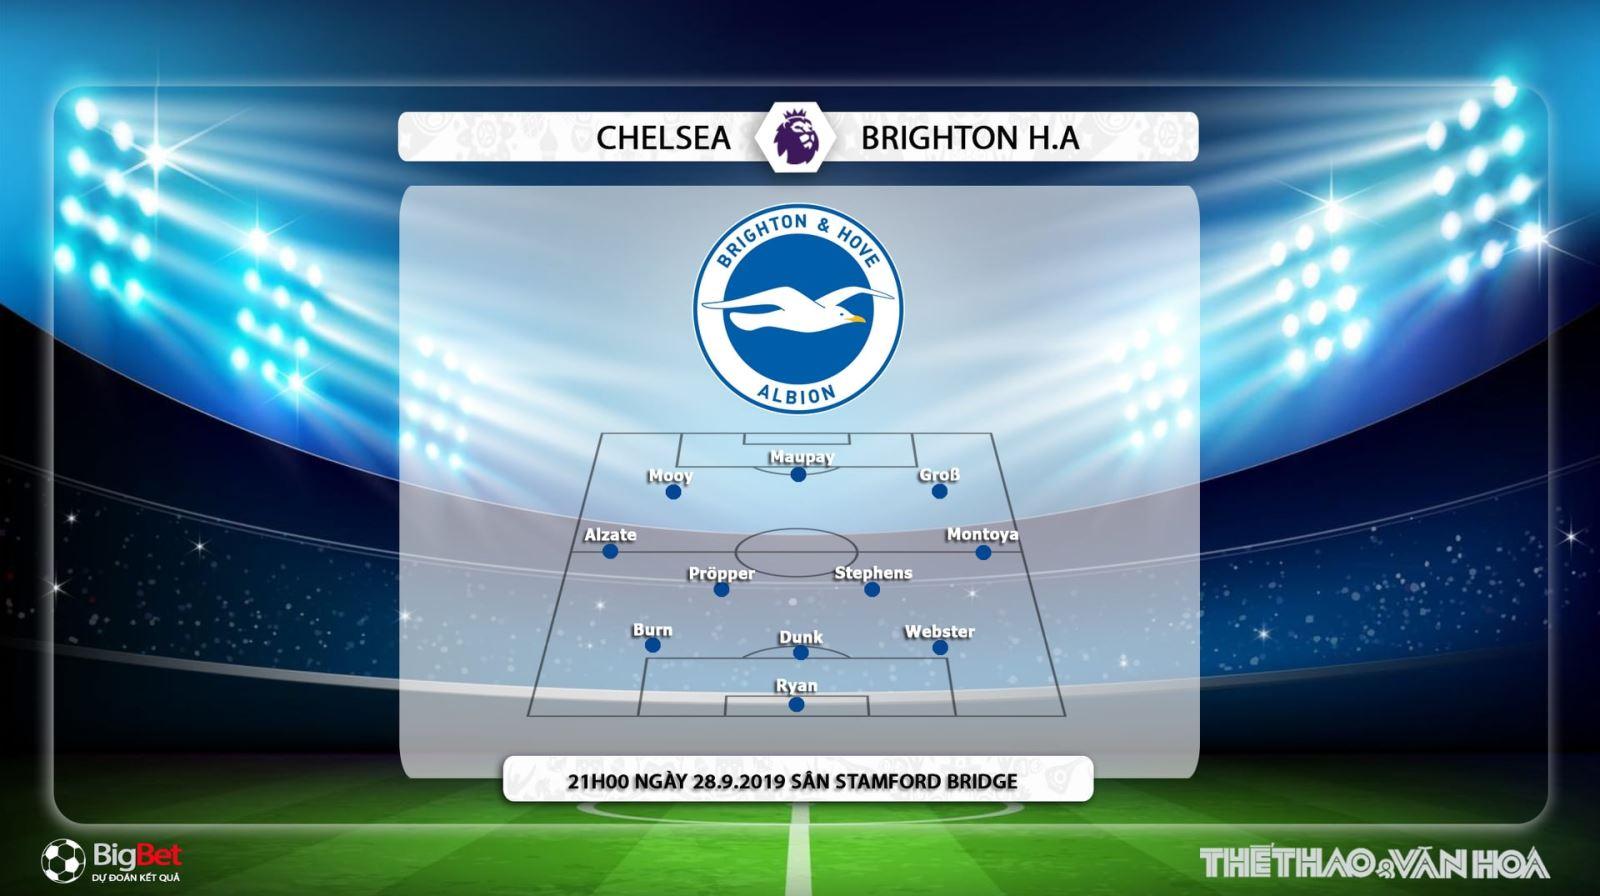 Chelsea vs Brighton, soi kèo Chelsea vs Brighton, dự đoán Chelsea vs Brighton, trực tiếp bóng đá, chelsea, brighton, bóng đá, bong da, K+, K+PM, K+PC